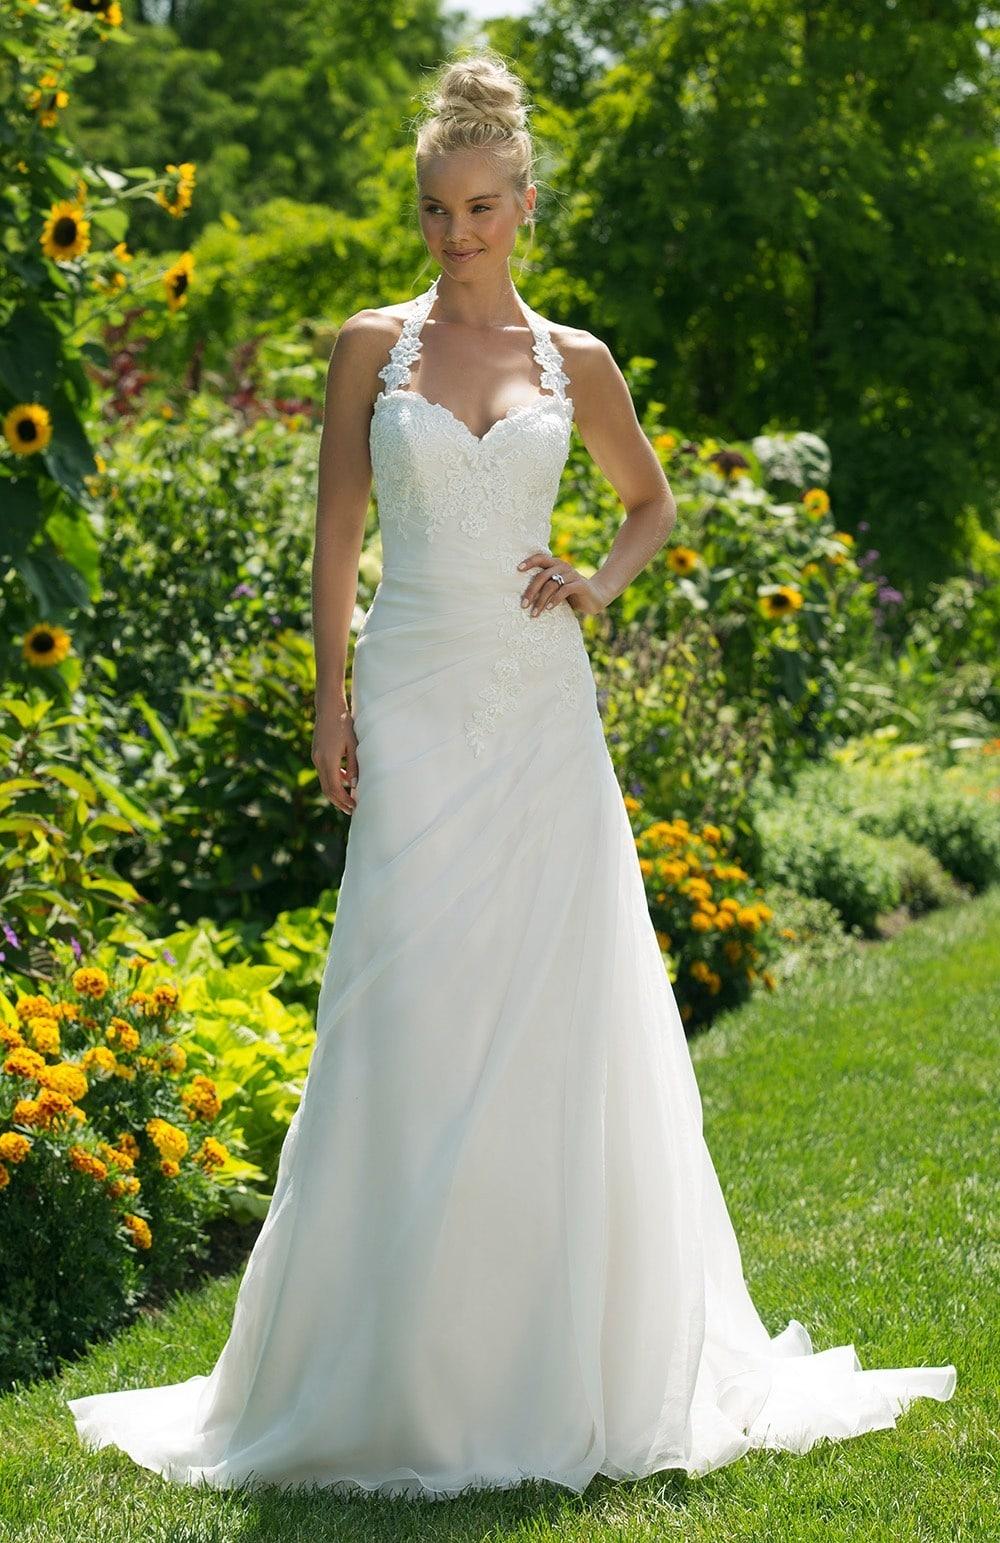 Robe de mariée Modèle 11040 – Tally